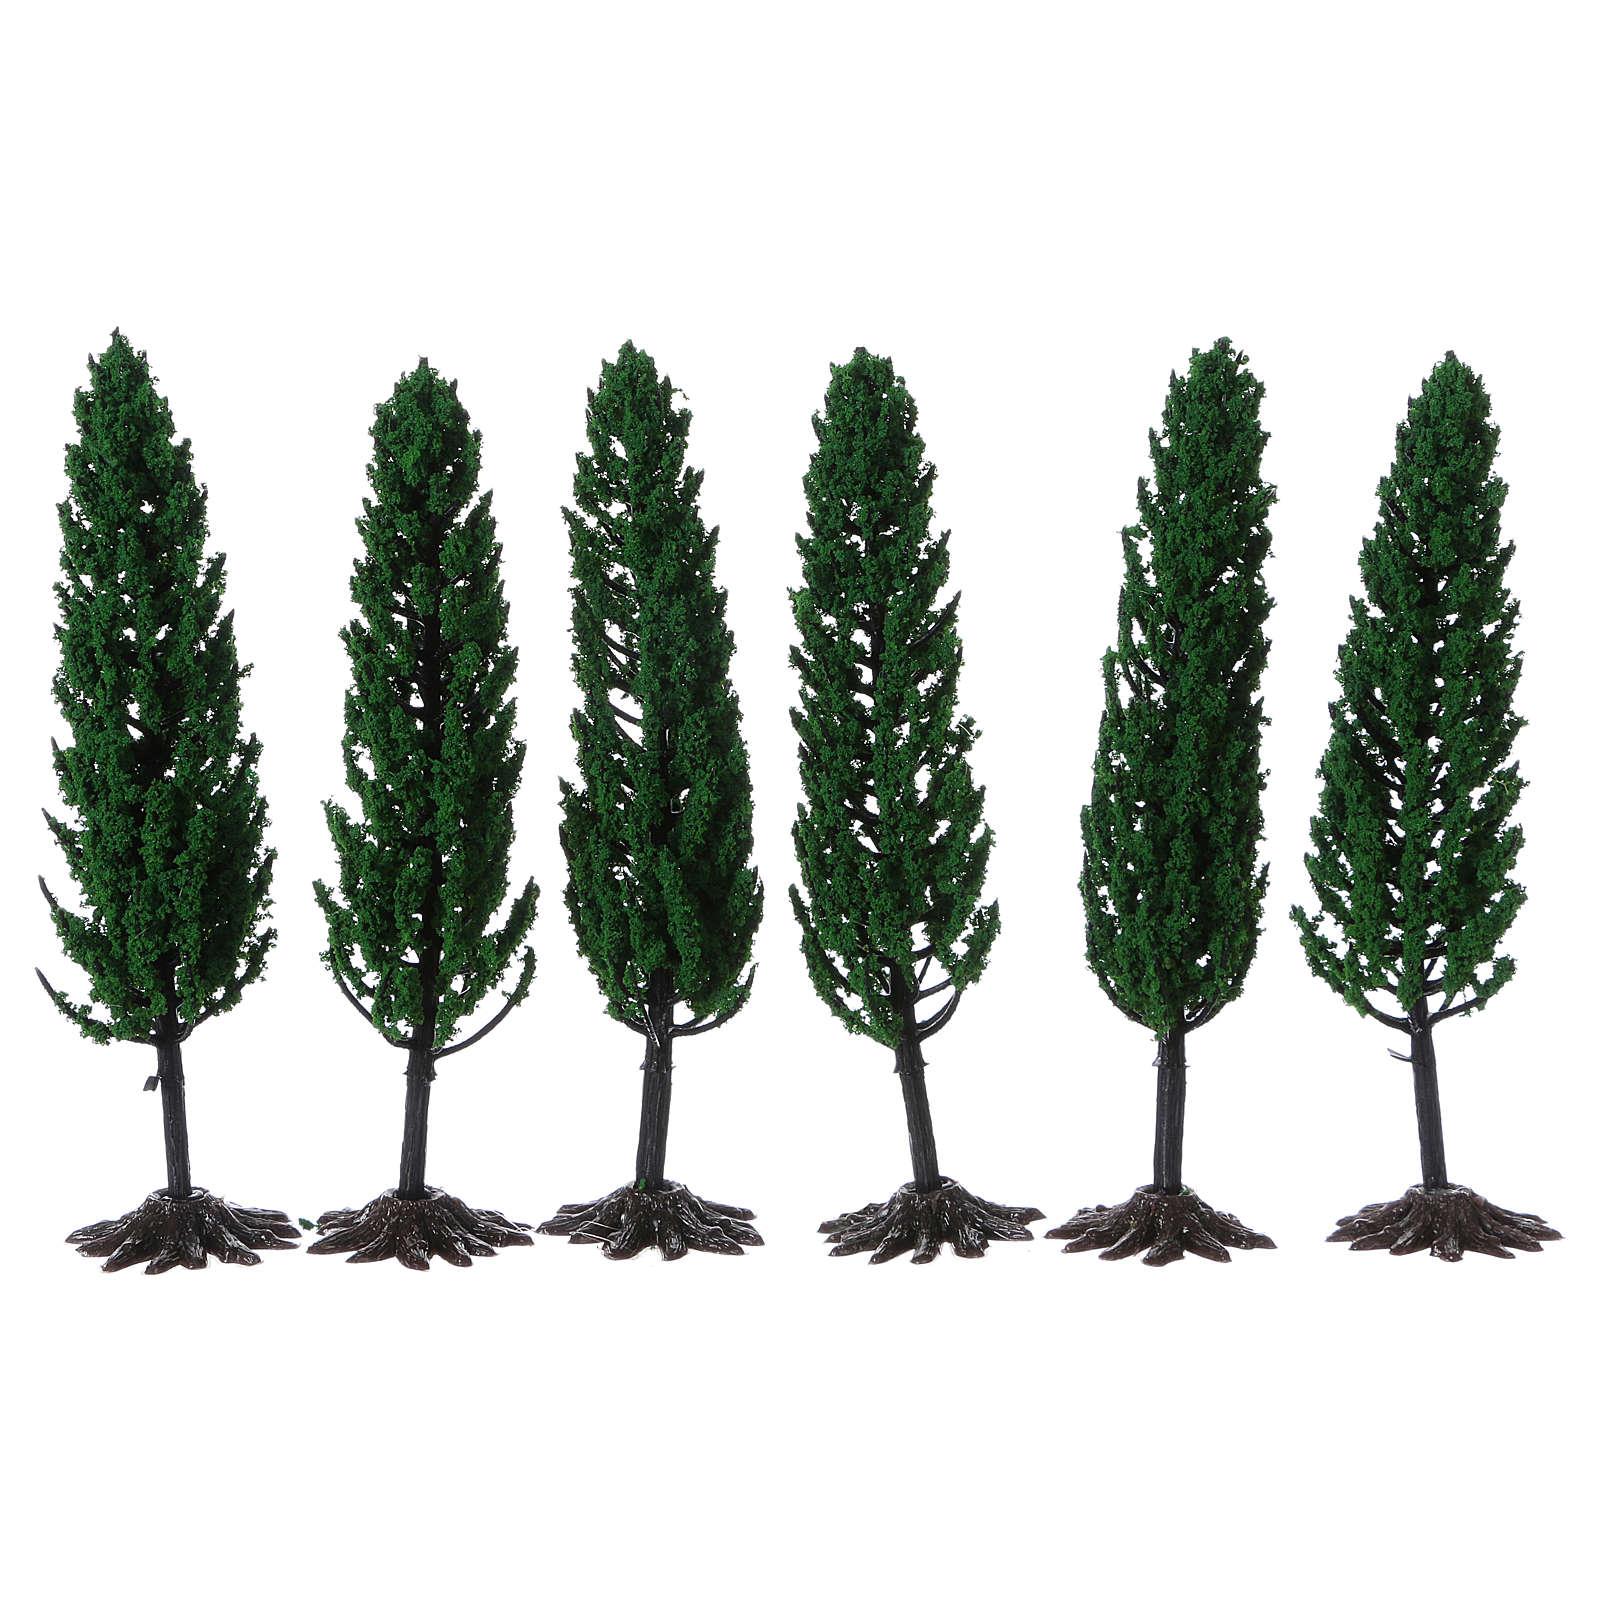 Ciprés, árbol para belén h real 15 cm 4